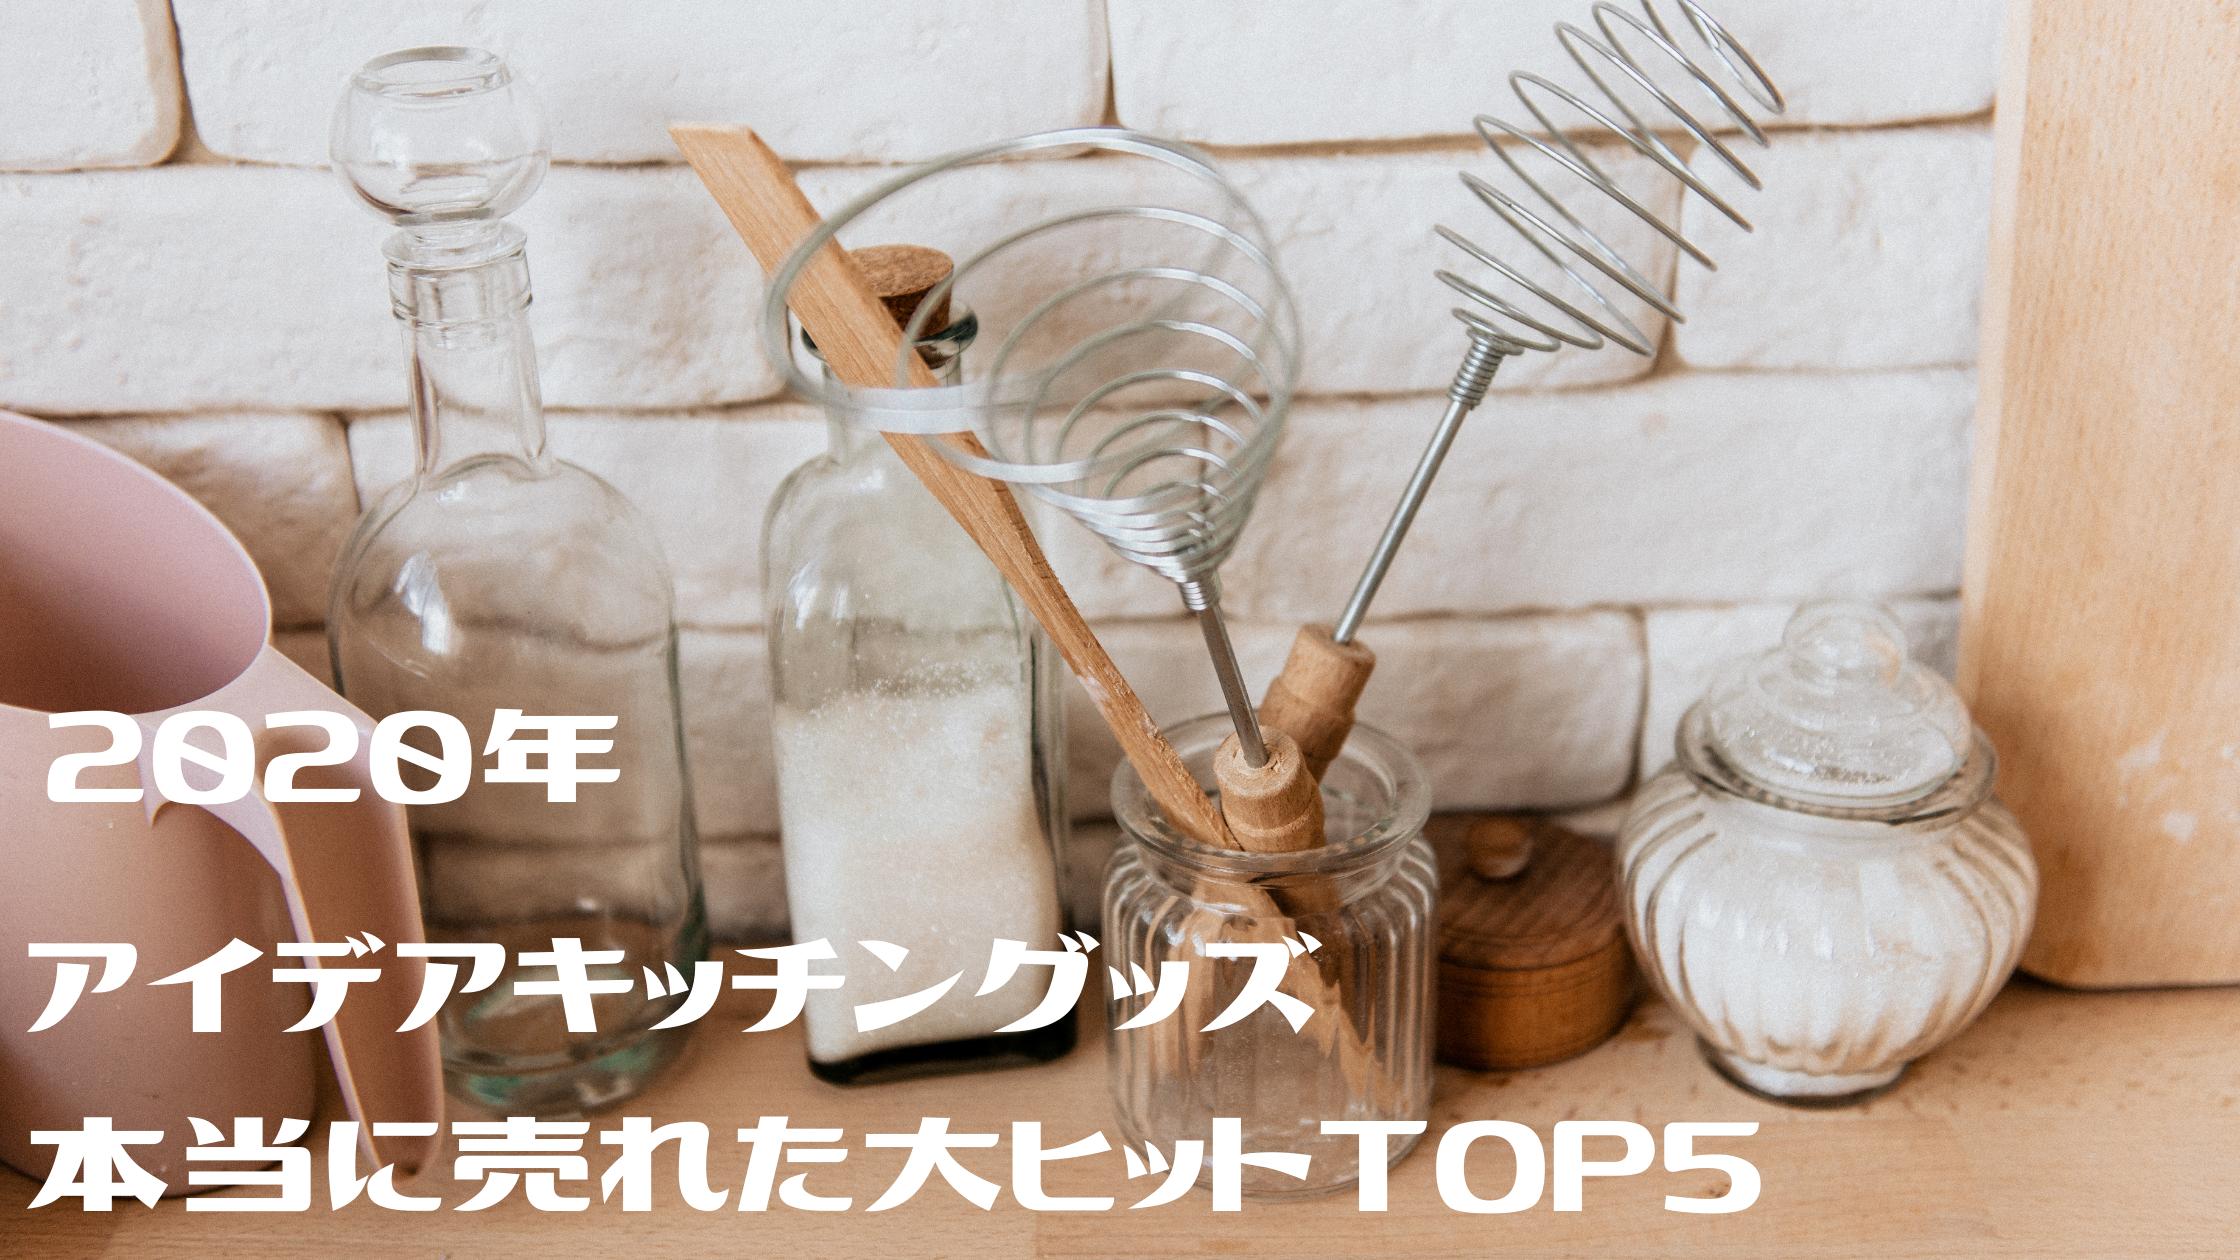 【バゲット】渋谷ロフトの2020年【大ヒットキッチングッズ】TOP5